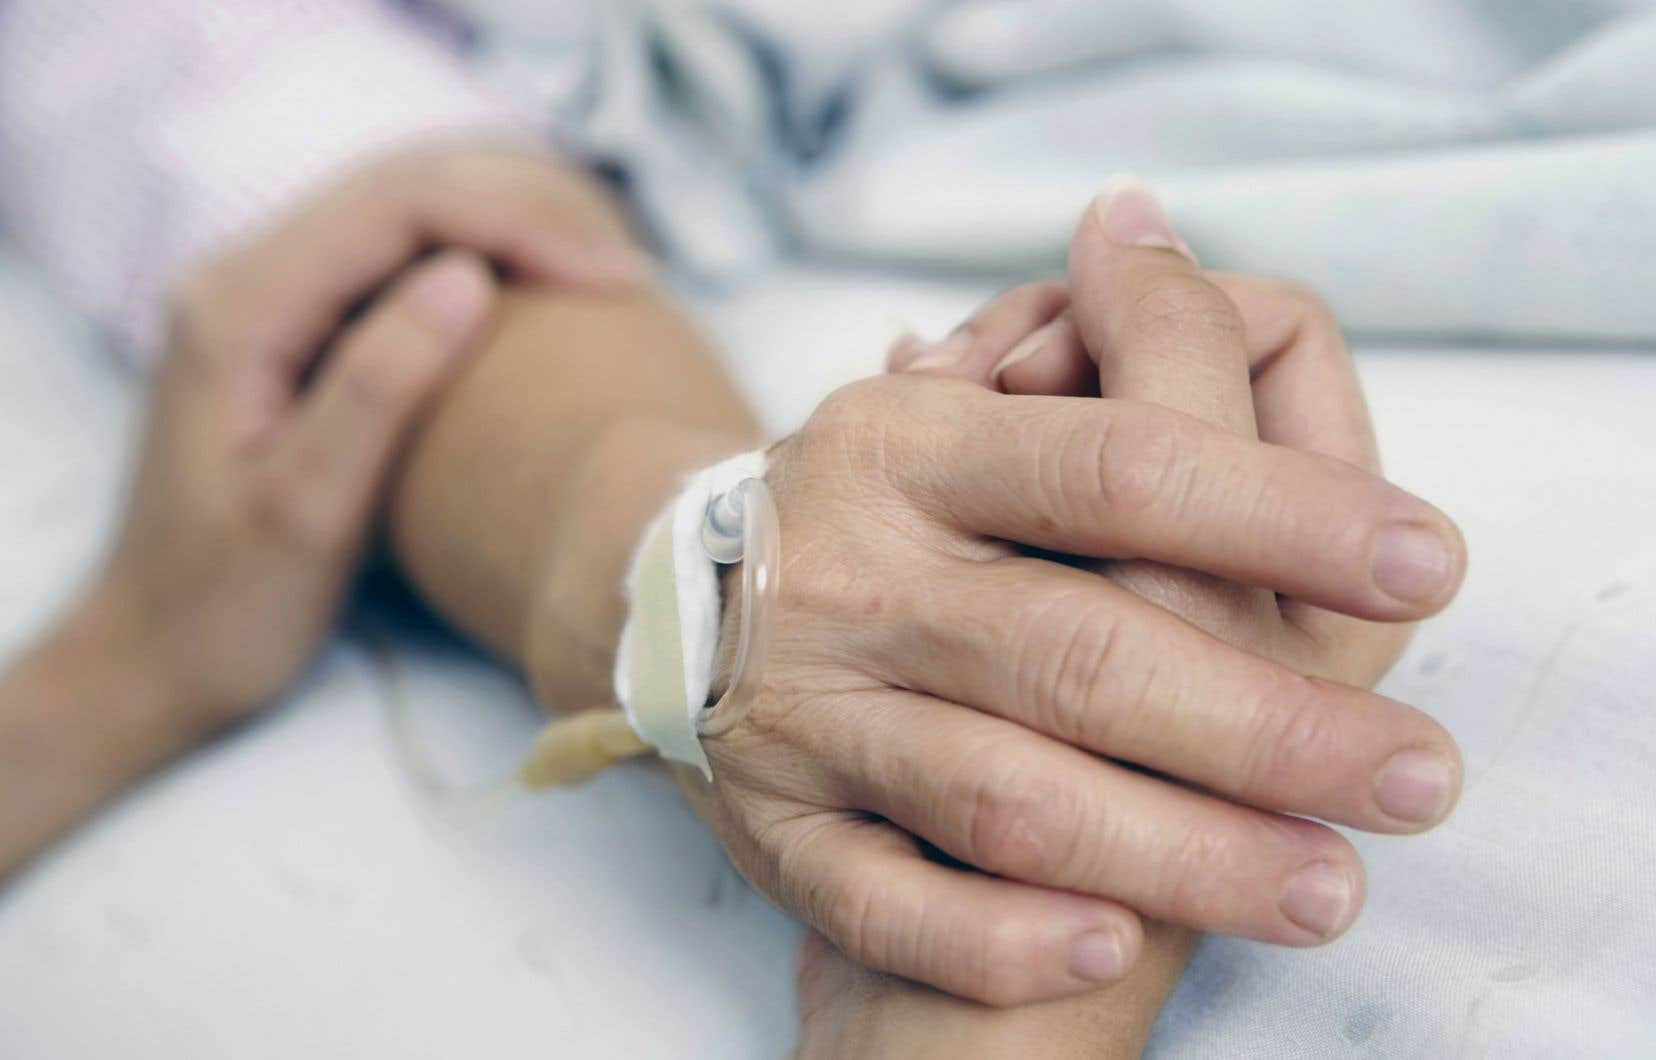 À la lumière des chiffres publiés par «Le Devoir», le Regroupement provincial des comités d'usagers, porte-parole des usagers du réseau de la santé, dit voir ses pires craintes se réaliser.